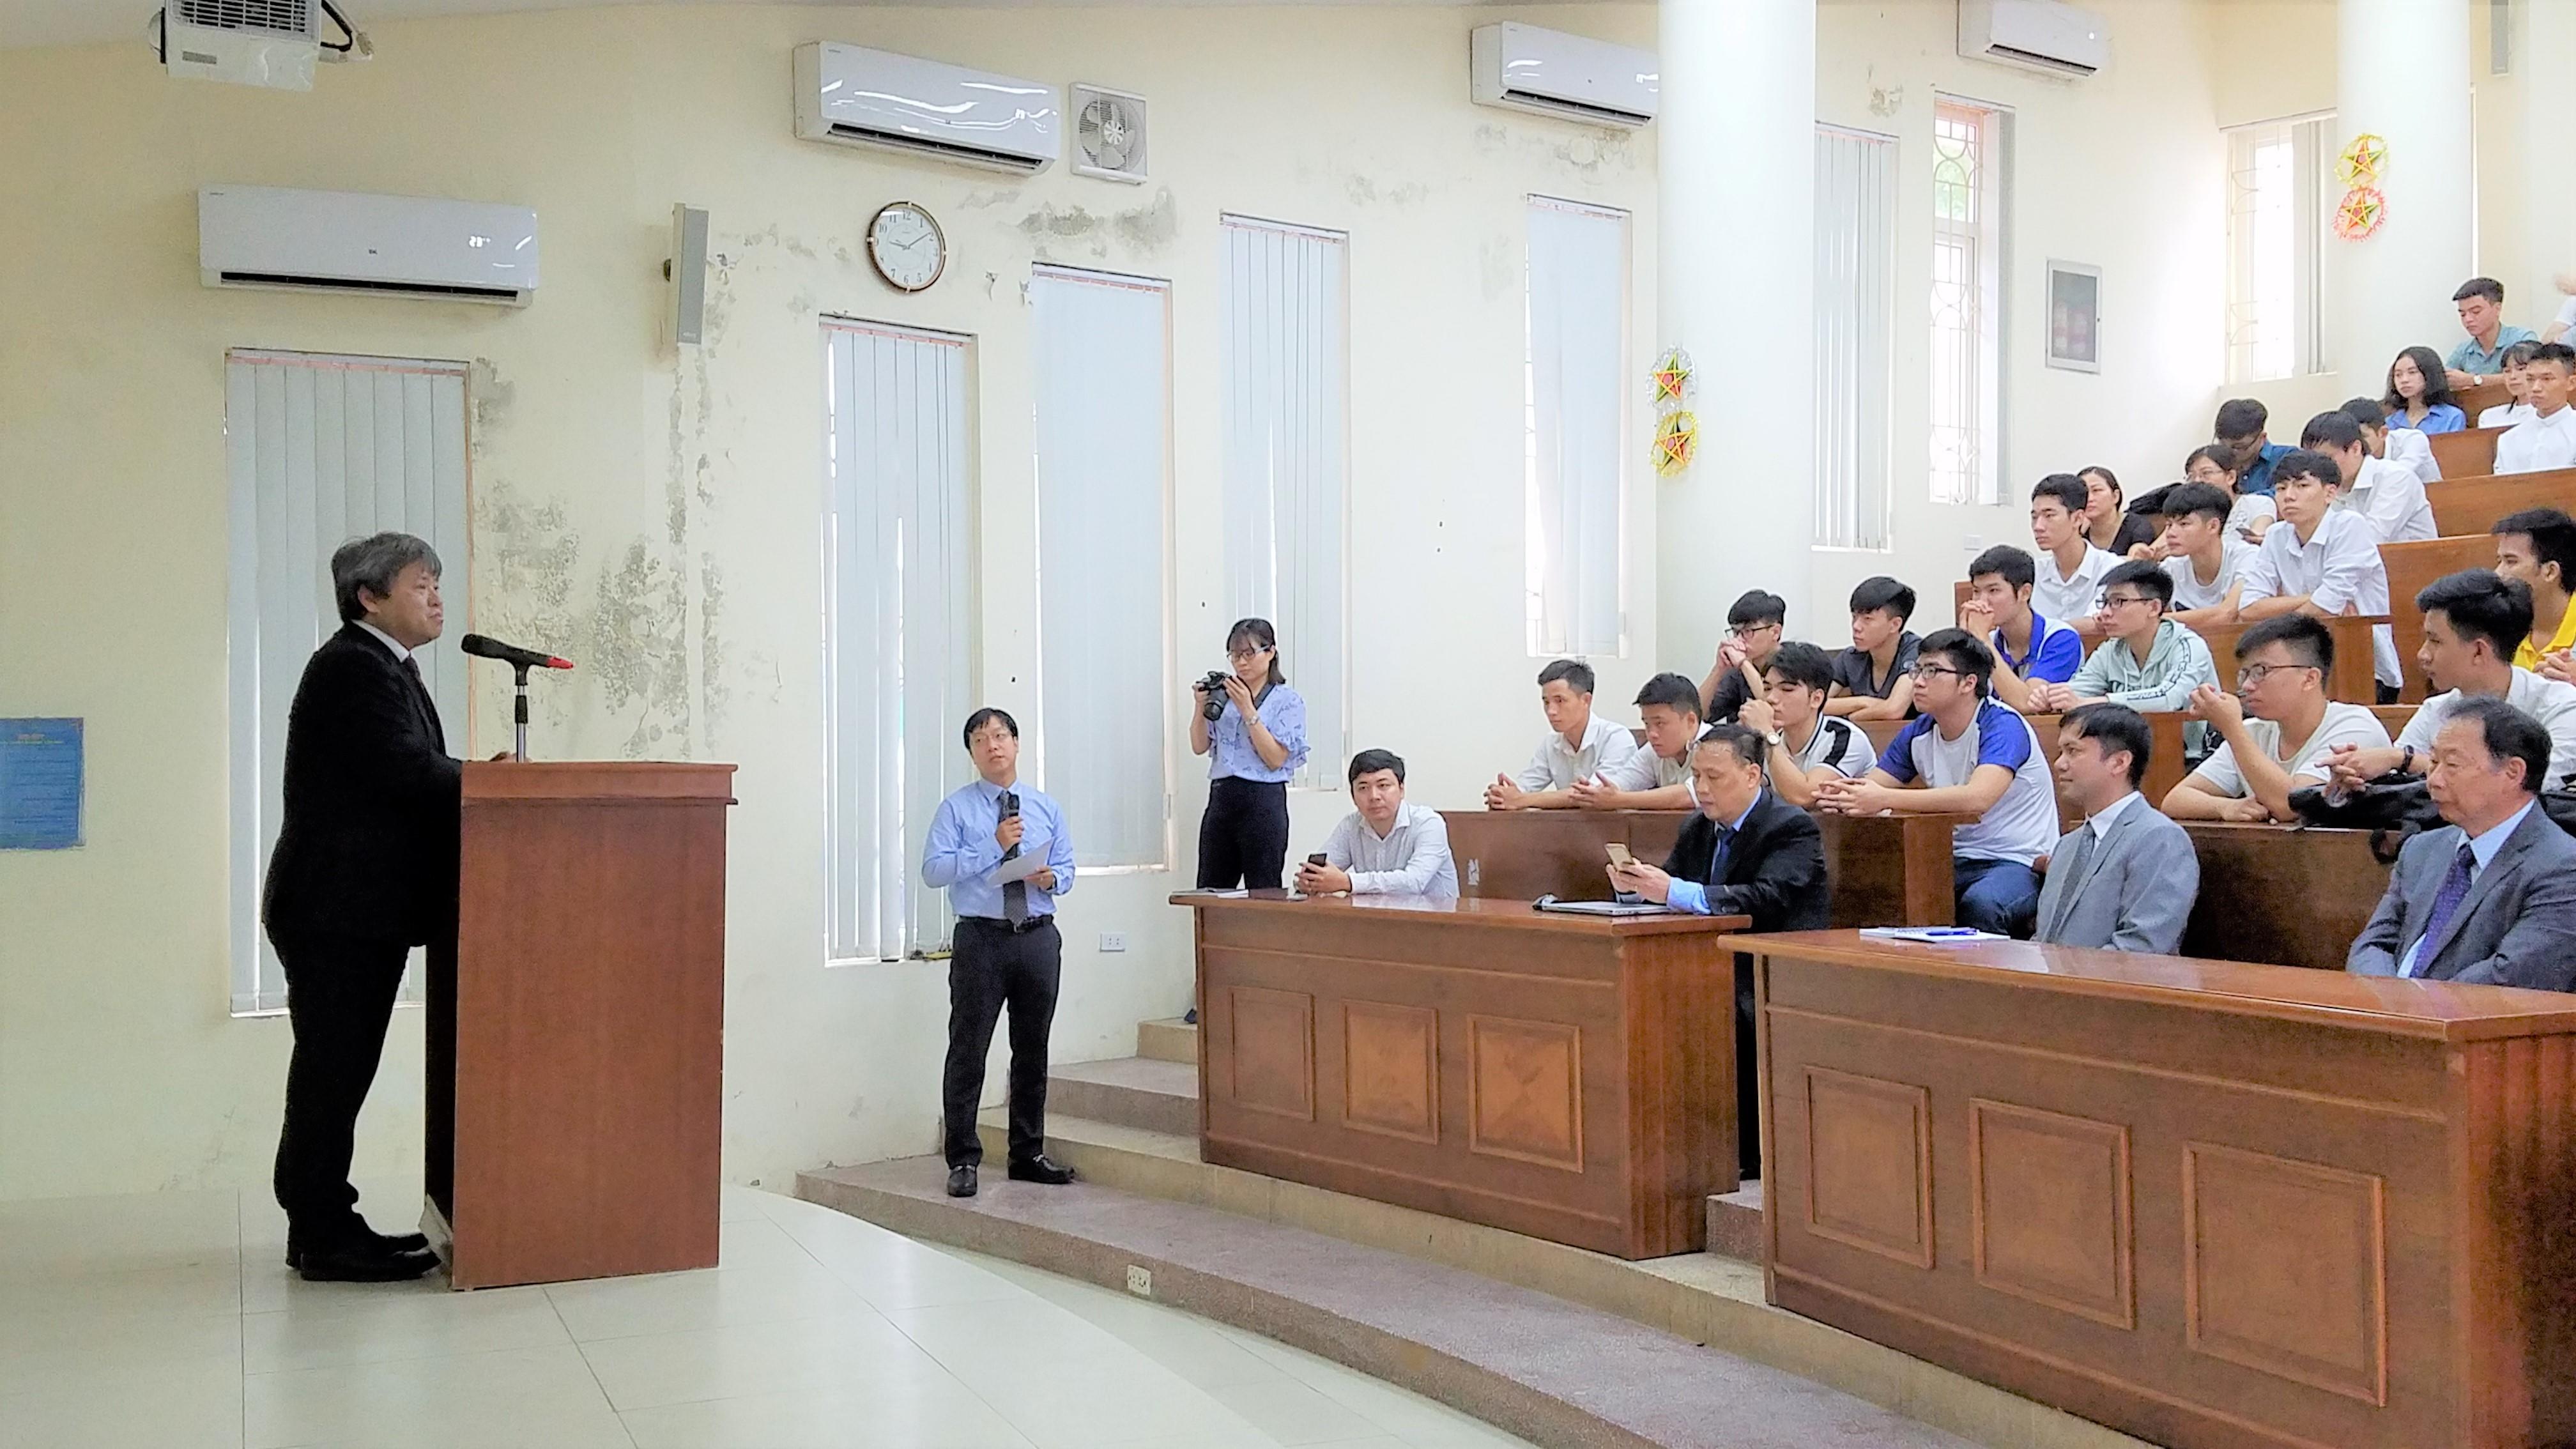 ベトナムにおける「土木工学科」新設を、関東学院大学が支援 -- 社会基盤を支える建設技術者を育成へ -- 人材と資金が流出するベトナムの建設業界を変革